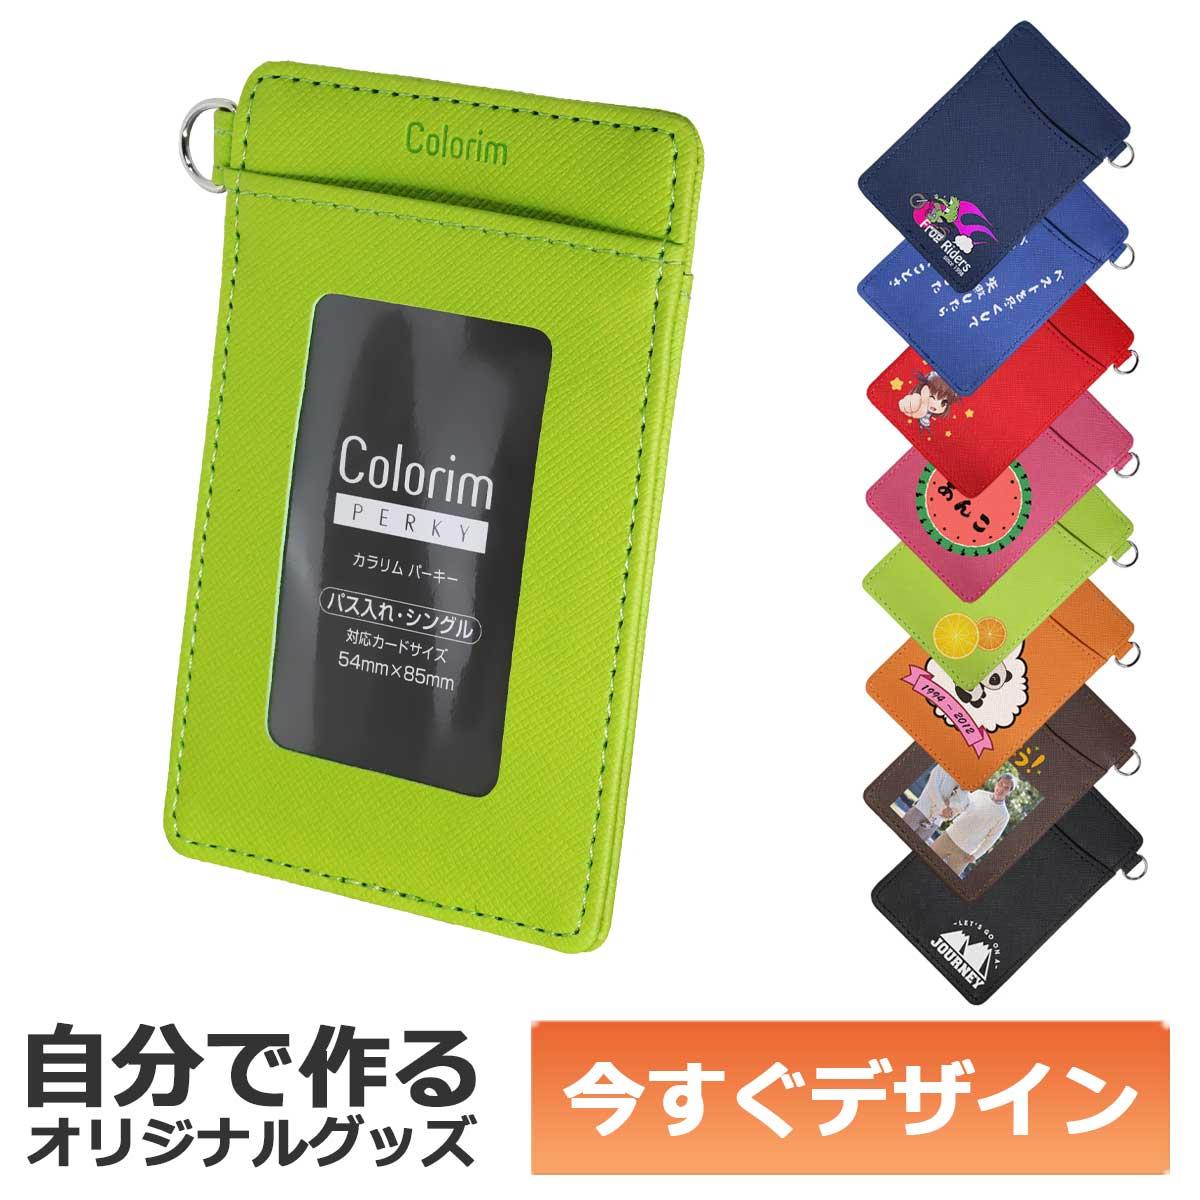 あす楽 名入れ 筆入れ ラッピング無料 ペンケース ギフト 即納可能 期間限定今なら送料無料 1冊から作れる 自分でデザイン Colorim カラリム オリジナル カードポケット ライトグリーン CRPP-02S-LG ラッピング無料 パスケース シングル メール便可